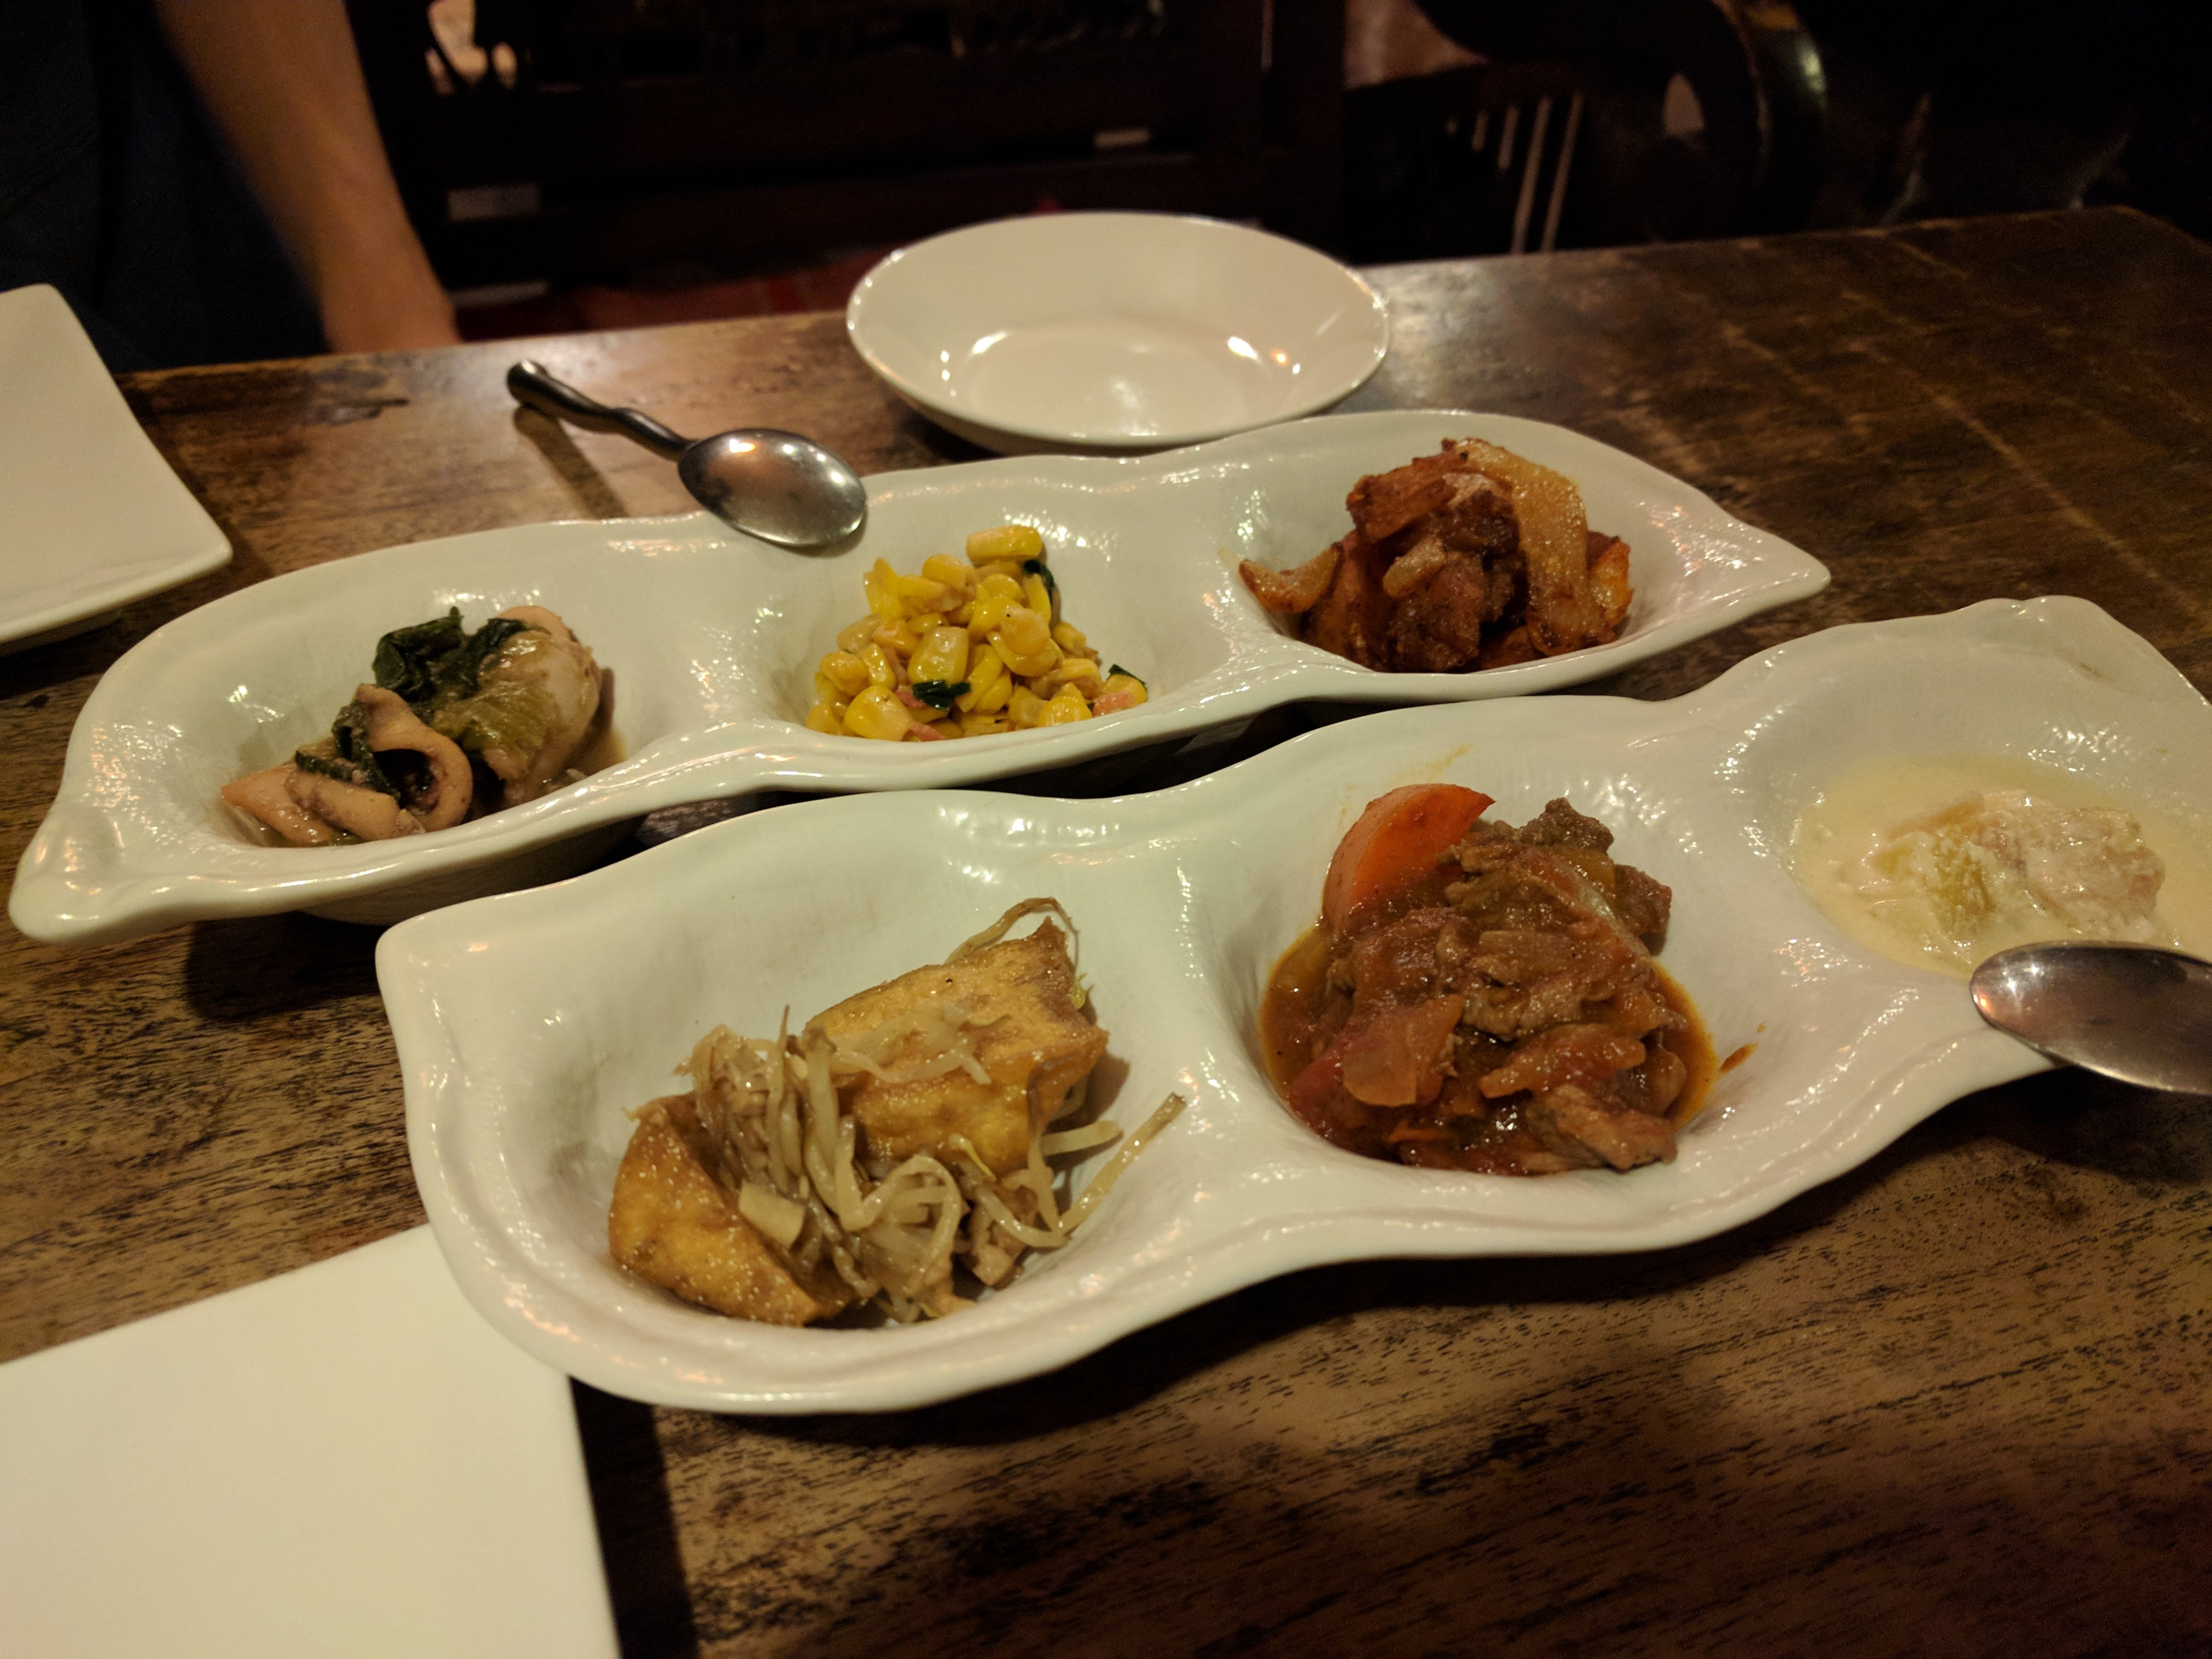 ムバラケ アジア料理 惣菜盛り合わせ